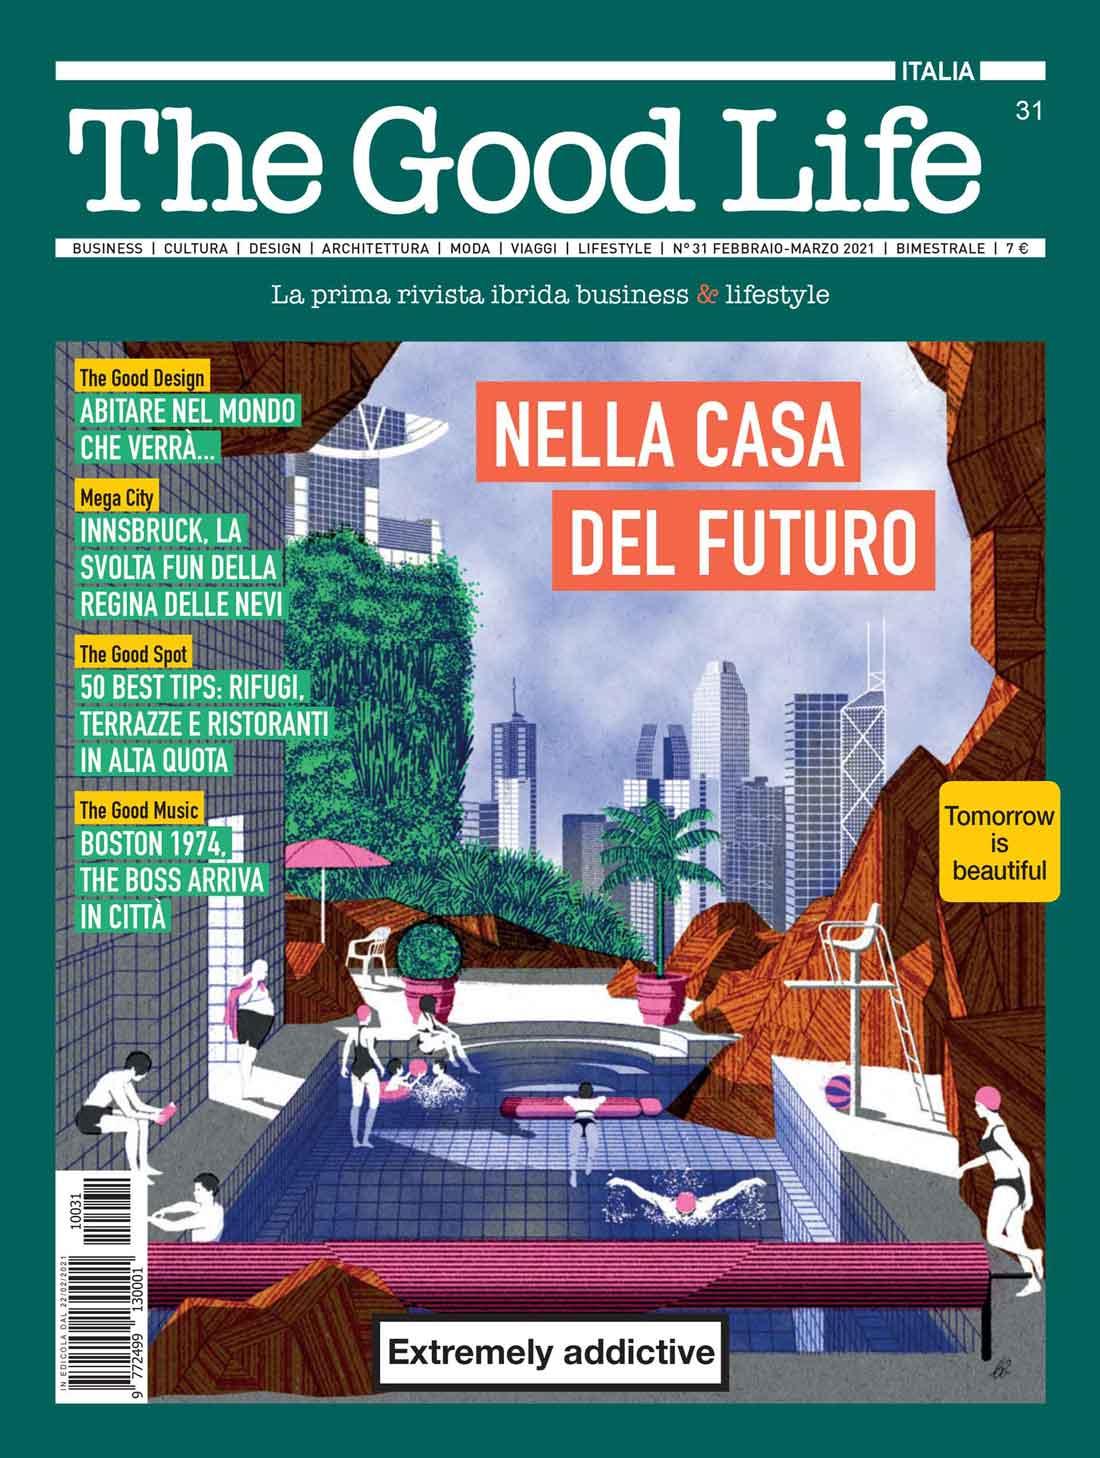 La couverture du magazine Good Life Février 2021